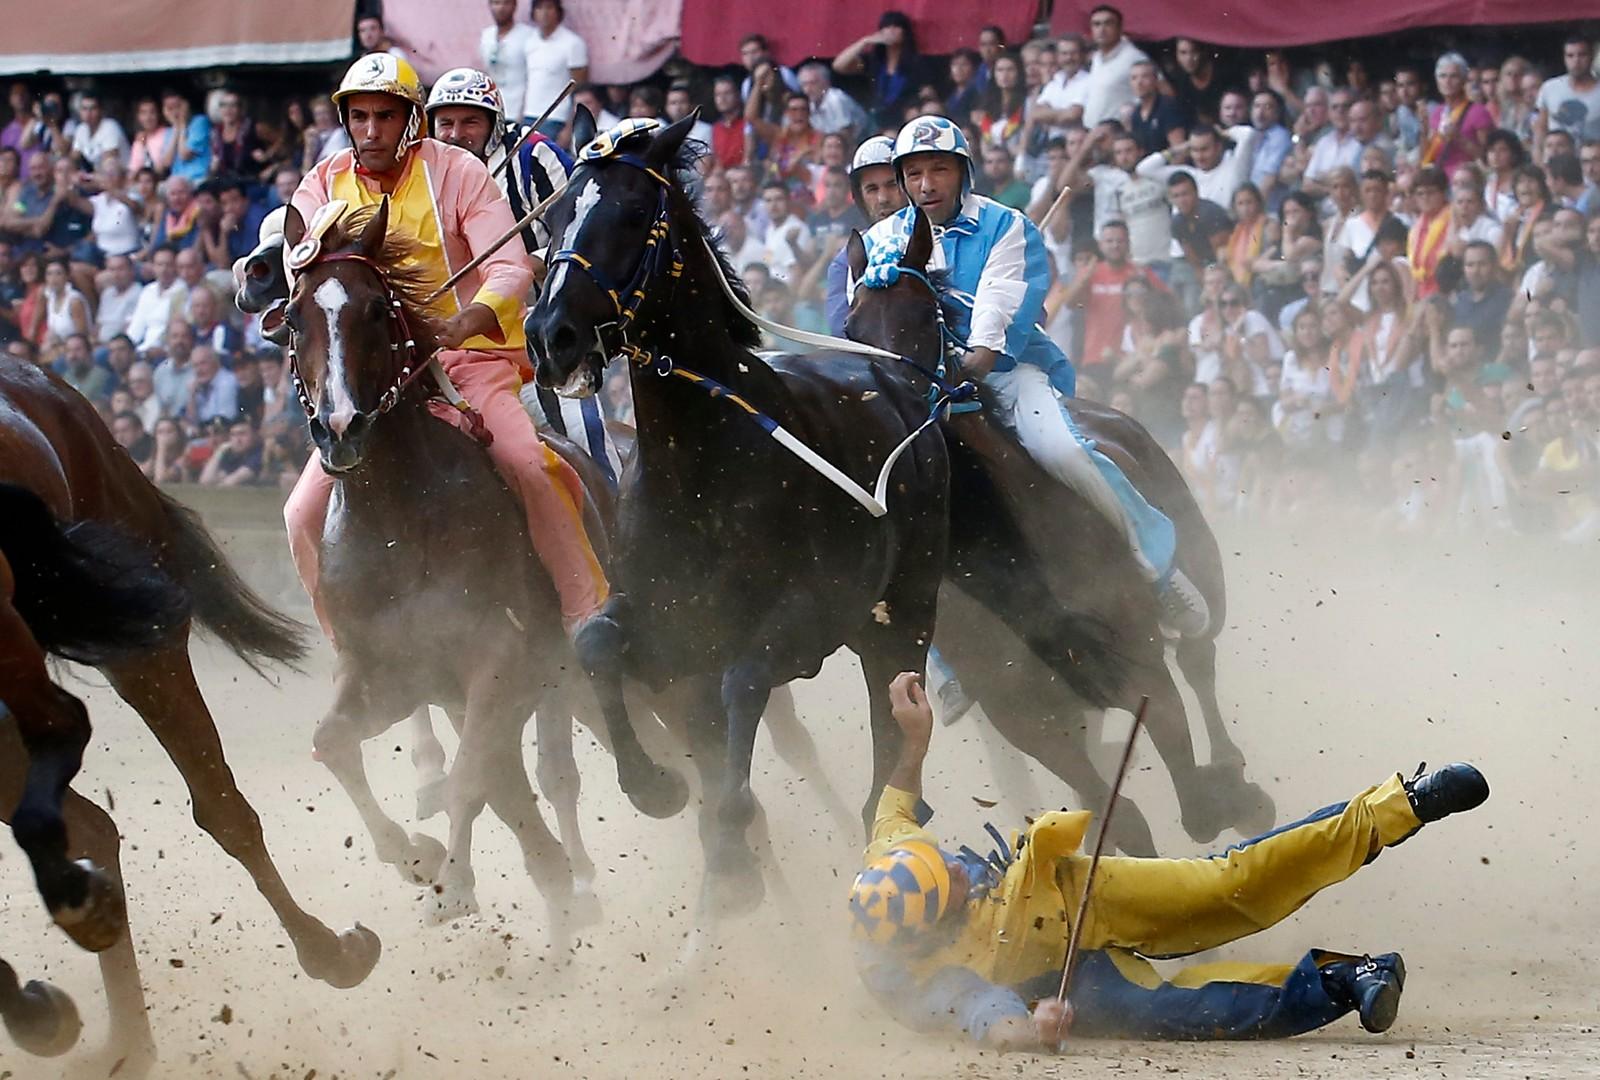 En rytter faller av hesten i det tradisjonelle Palio av Siena-rittet. Rittet foregår på hest uten sal, og er regnet for å være ganske tøft.